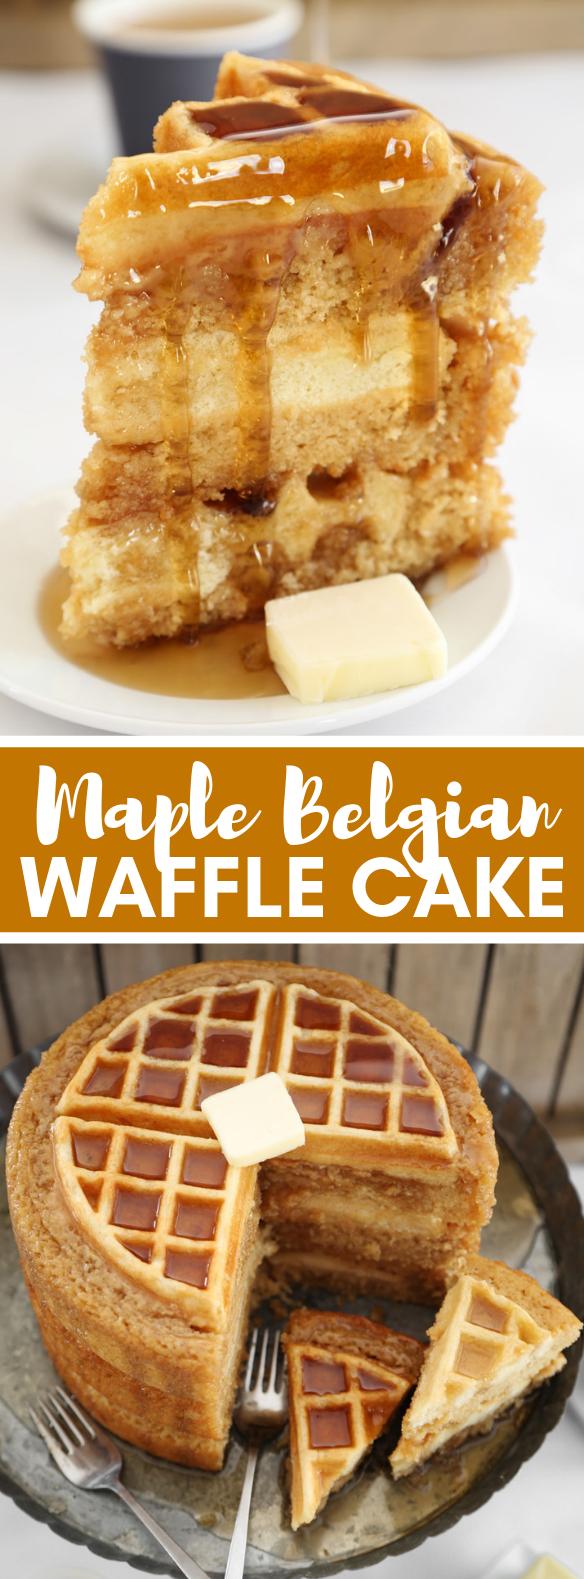 MAPLE BELGIAN WAFFLE CAKE #desserts #bake